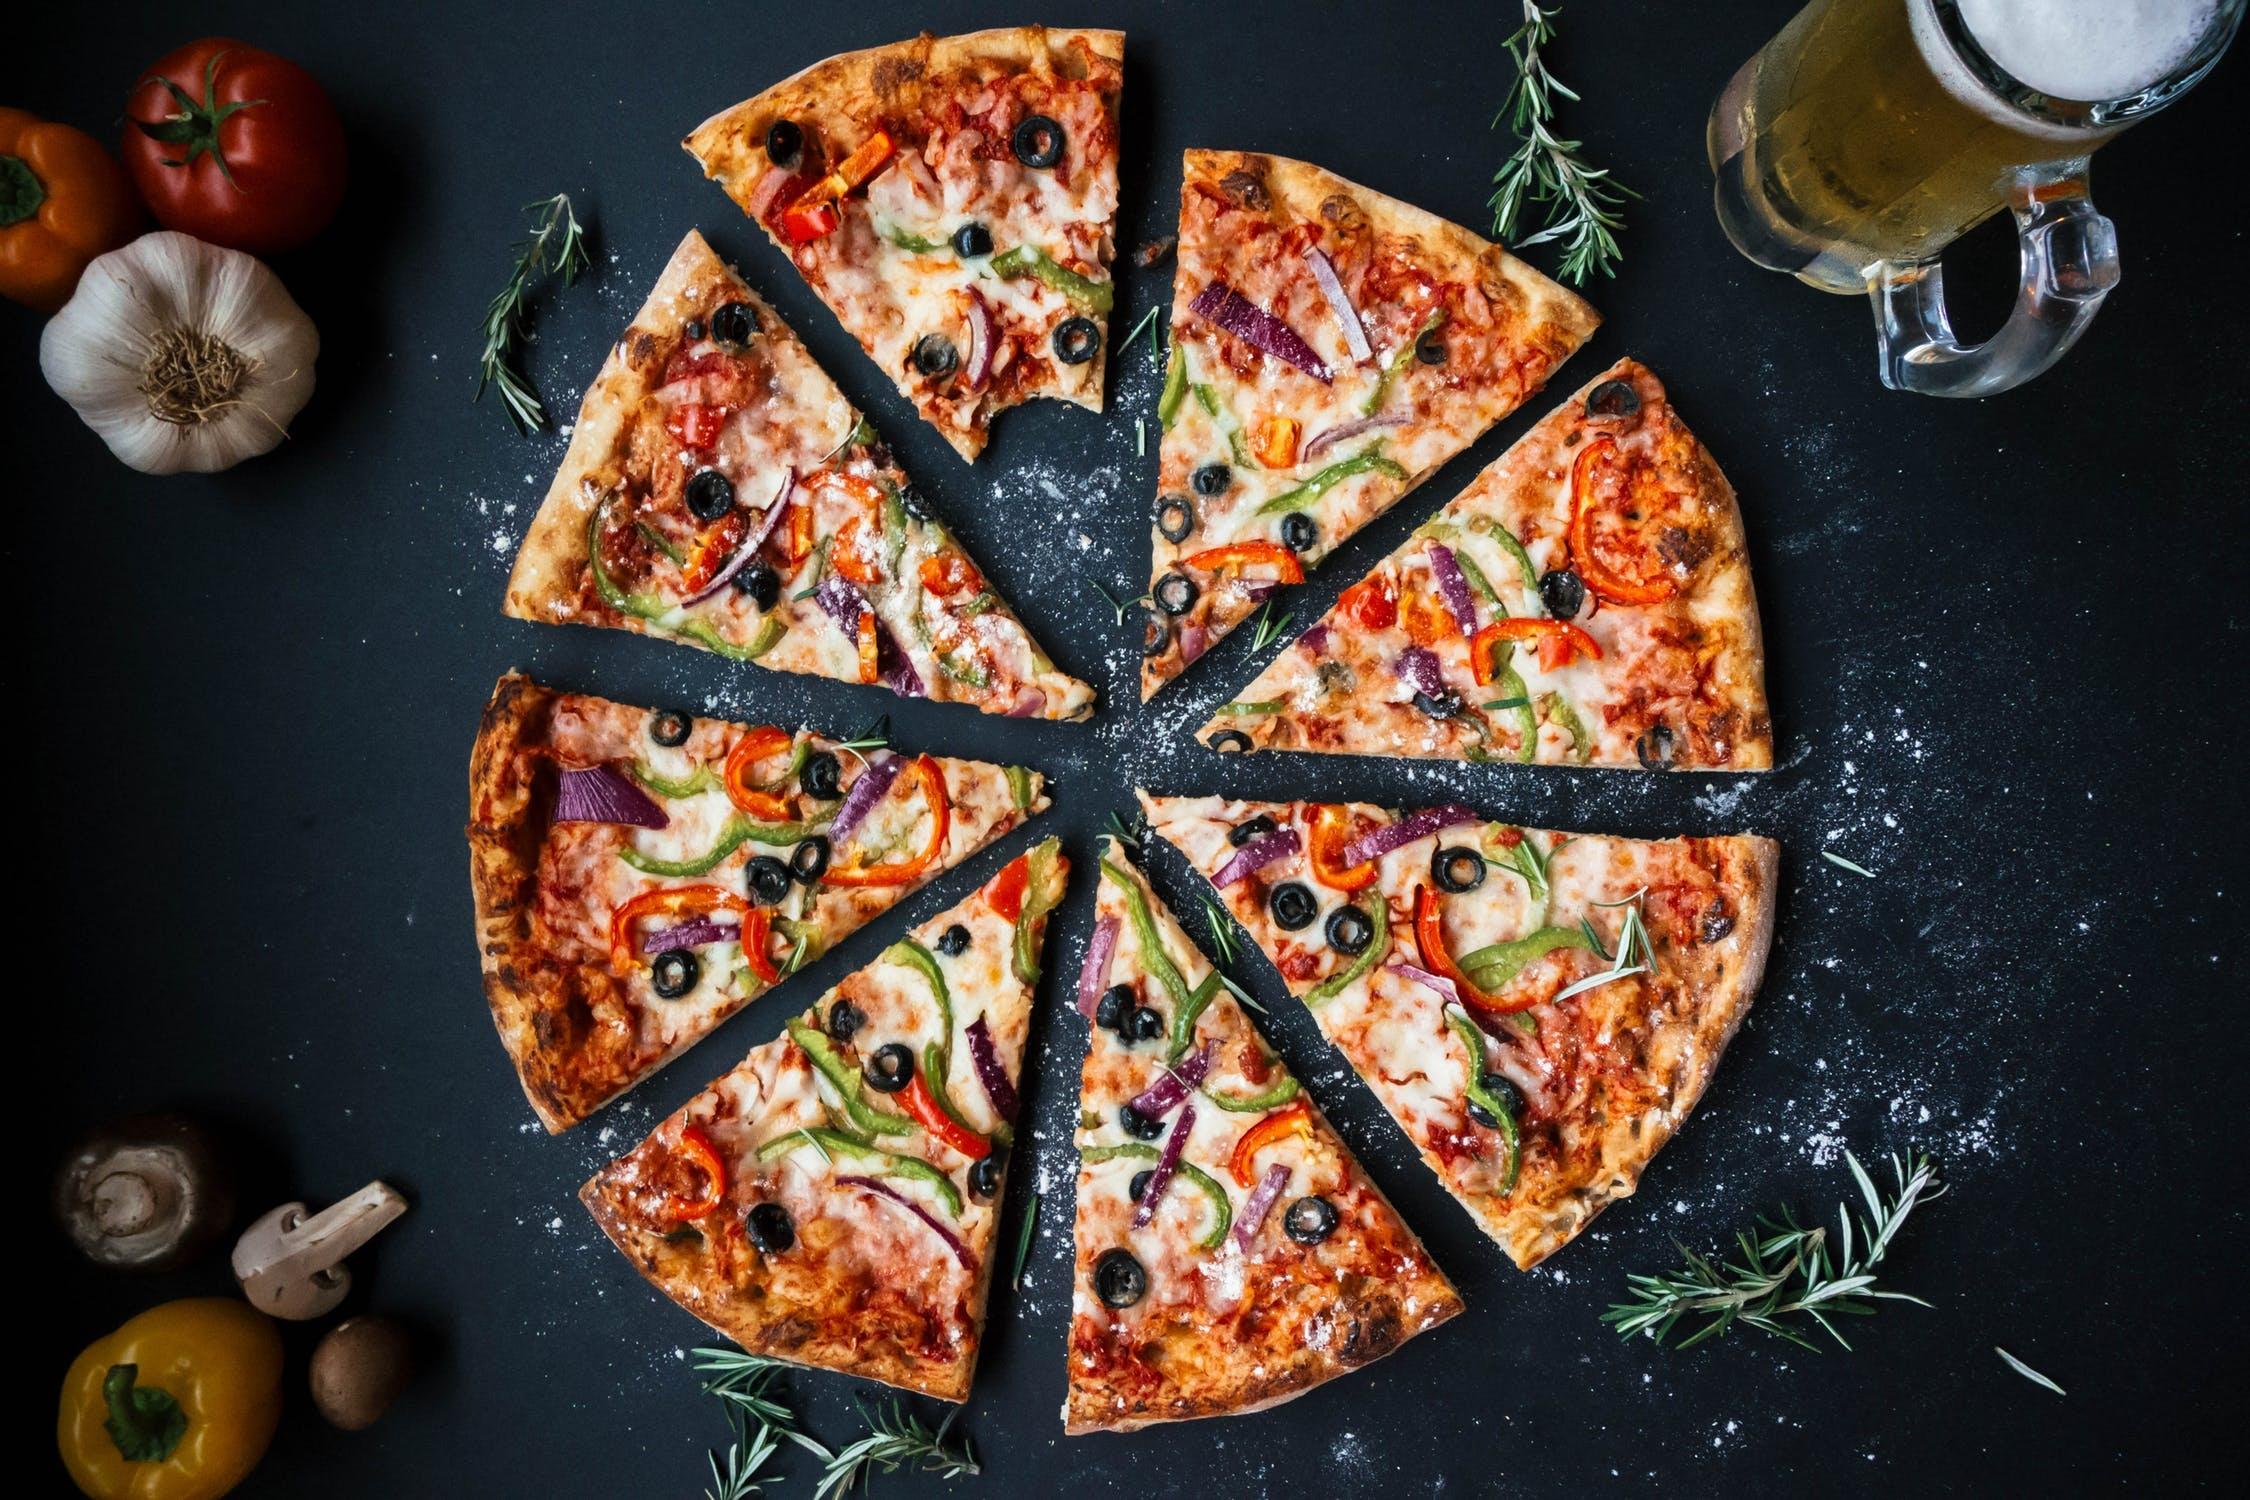 PIZZA SHOP FOR SALE RICHMOND $190K | DYNAMIC BUSINESS..